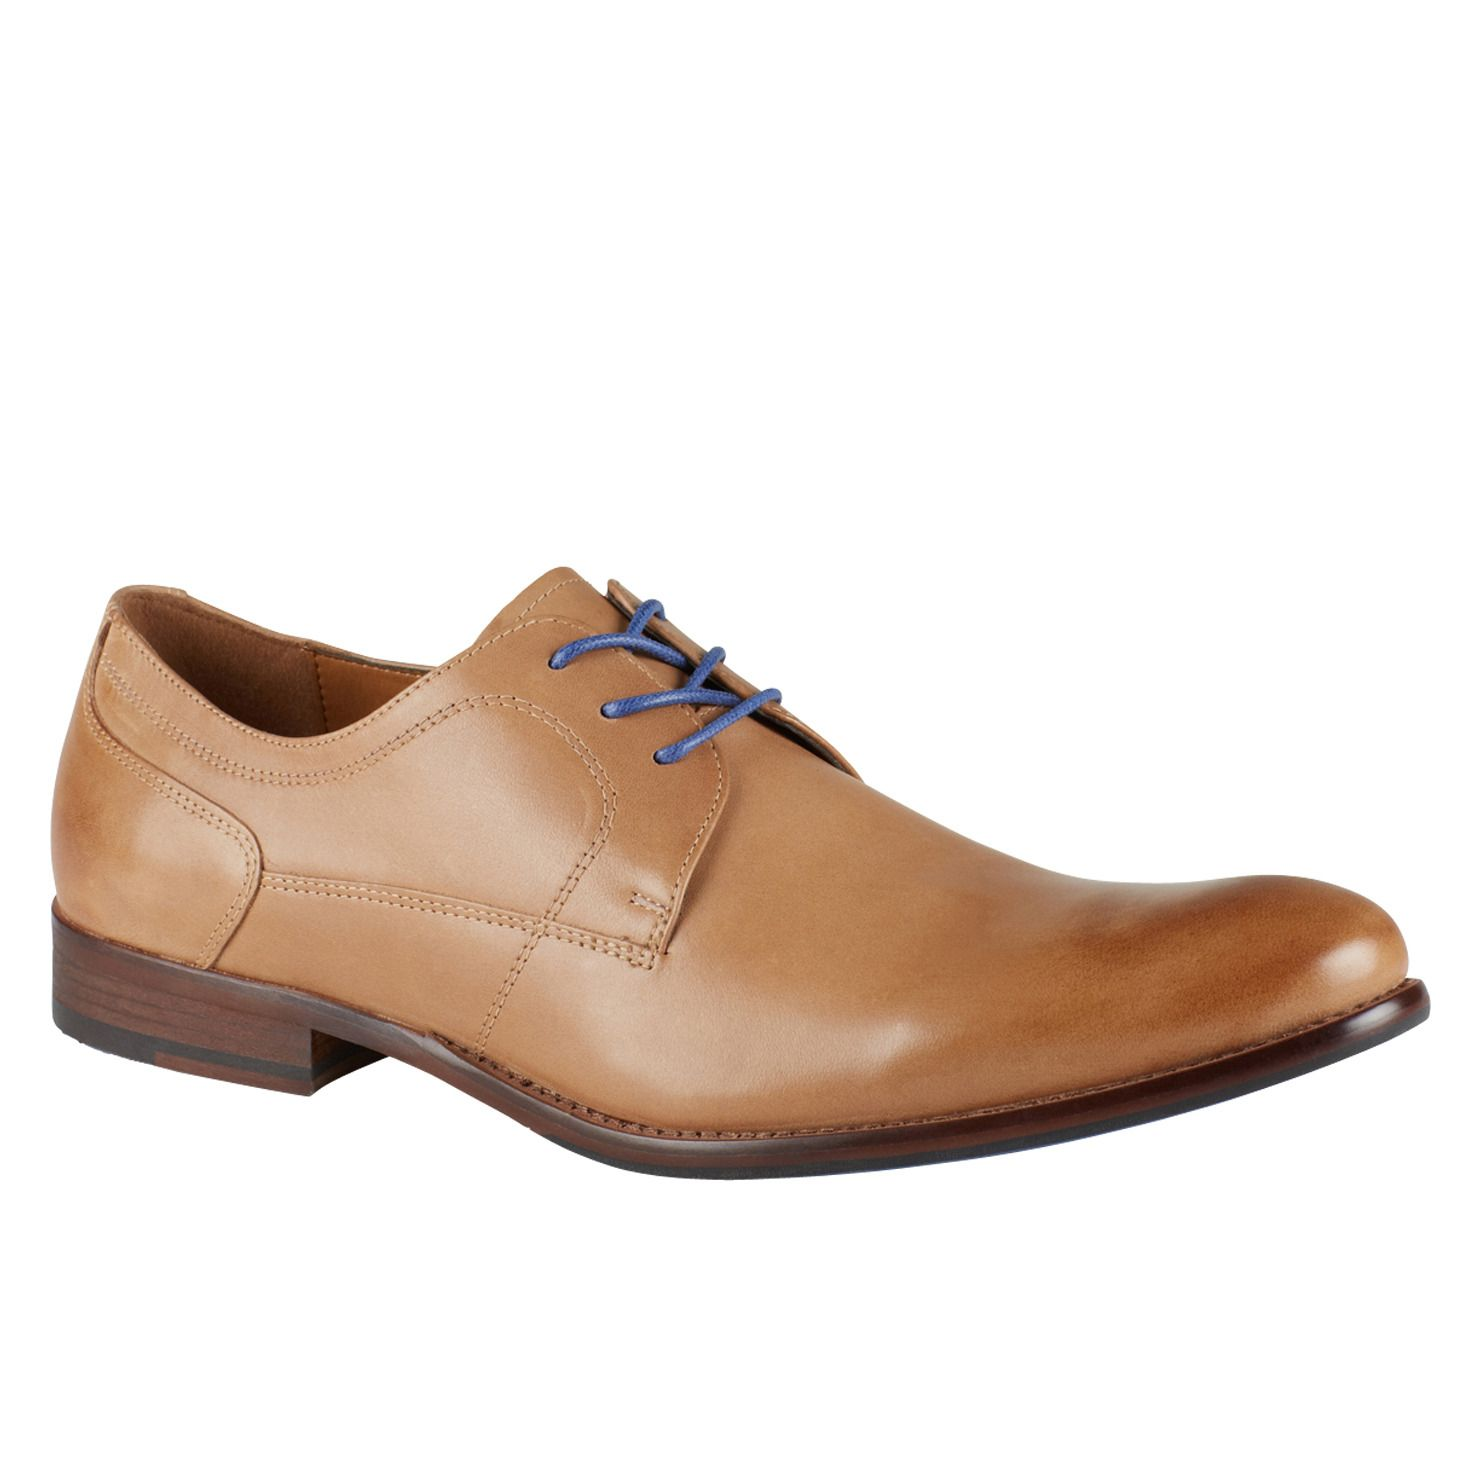 ALDO Shoes. | Dress shoes men